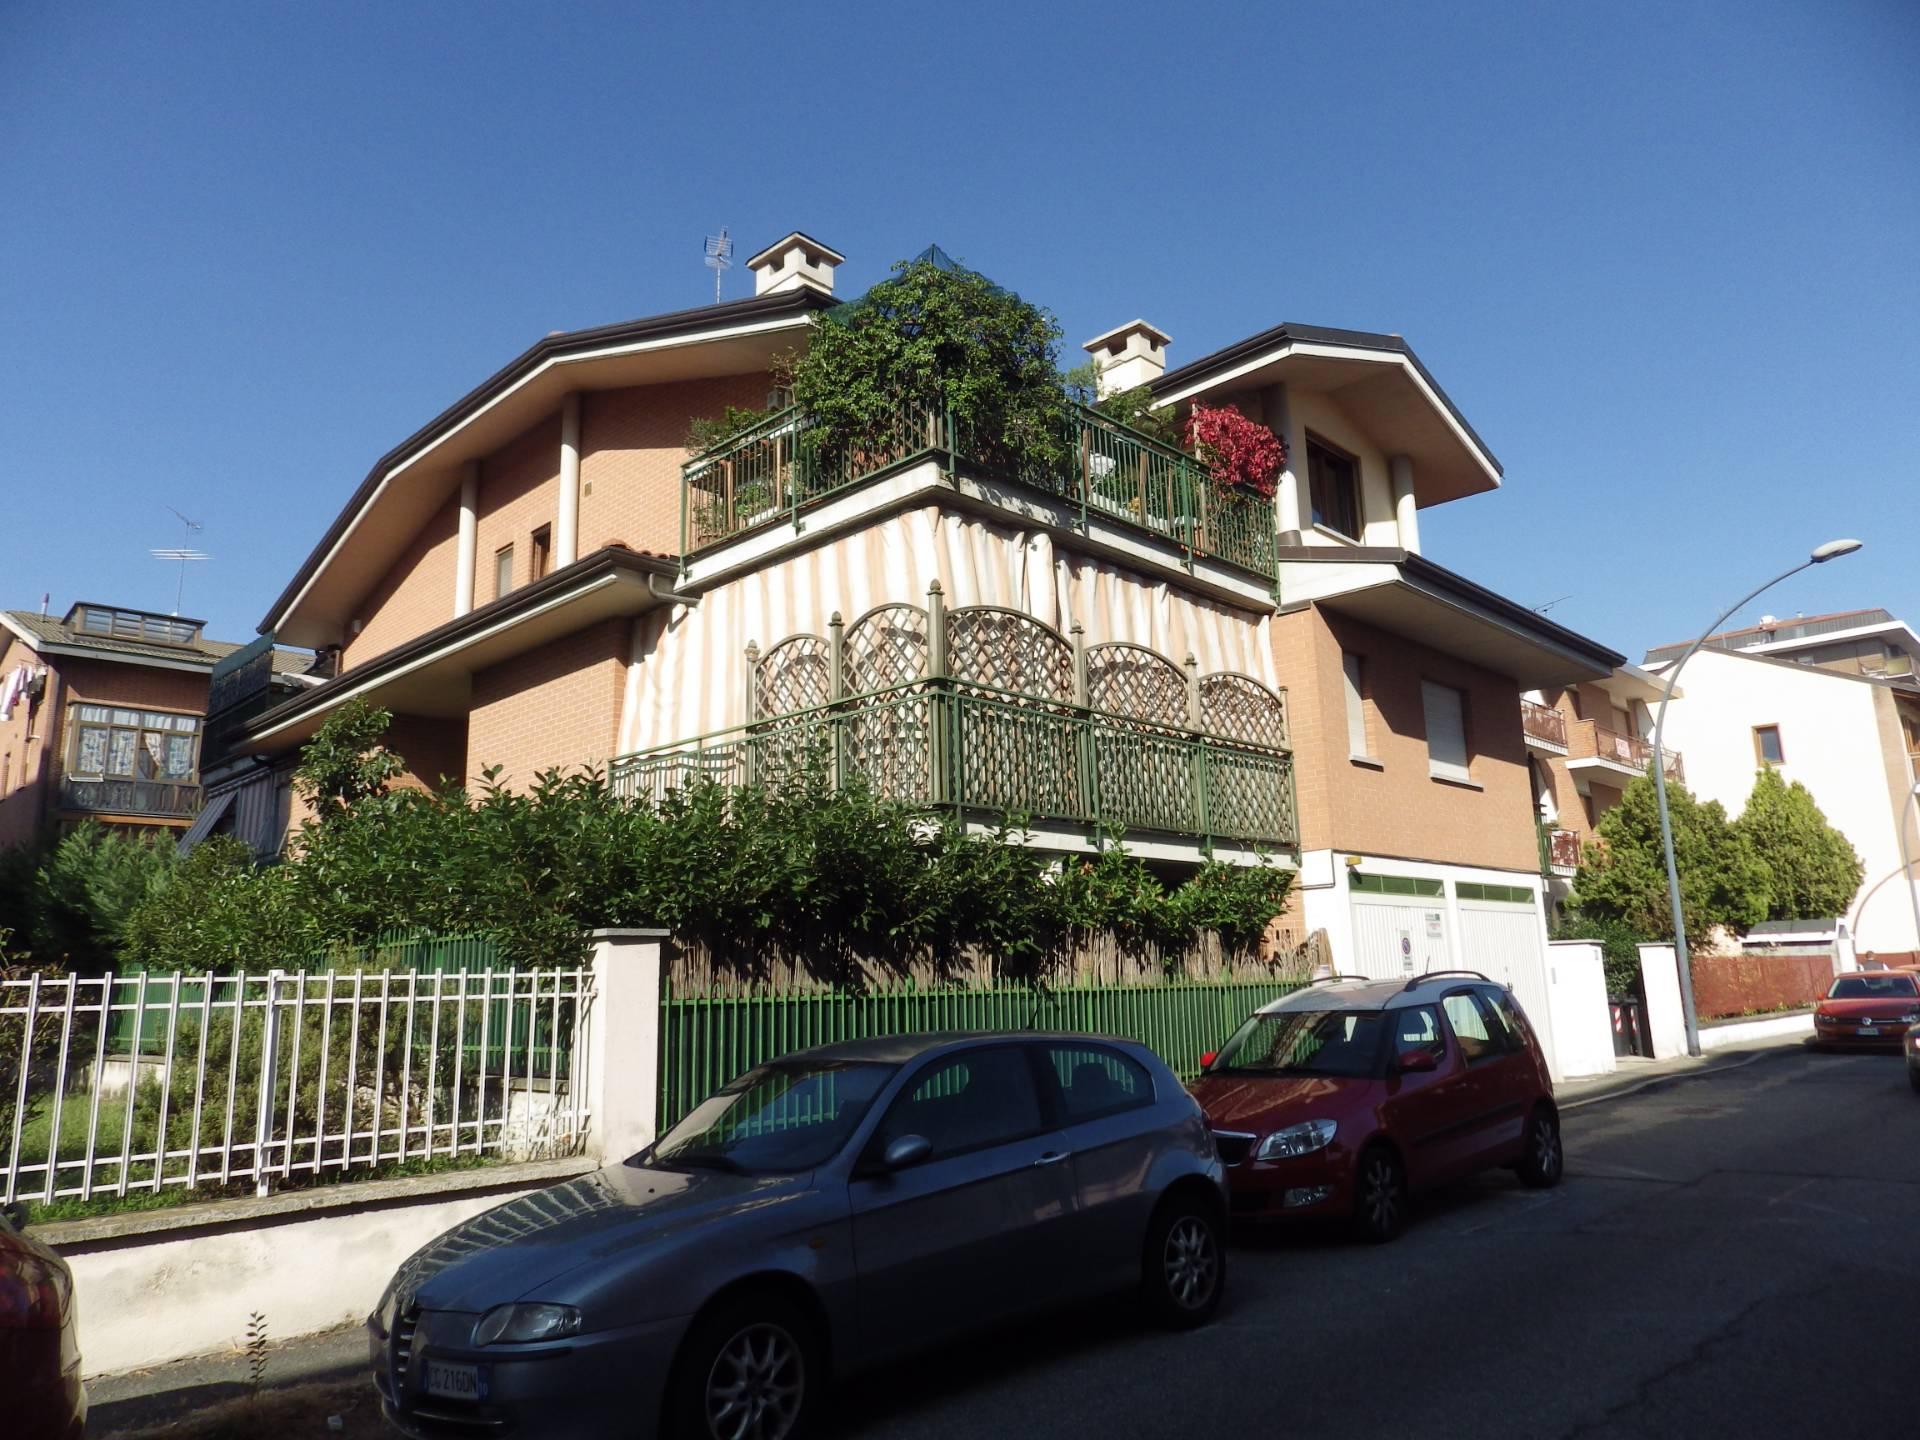 Appartamento in vendita a Collegno, 3 locali, zona Località: BorgataParadiso, prezzo € 189.000 | CambioCasa.it